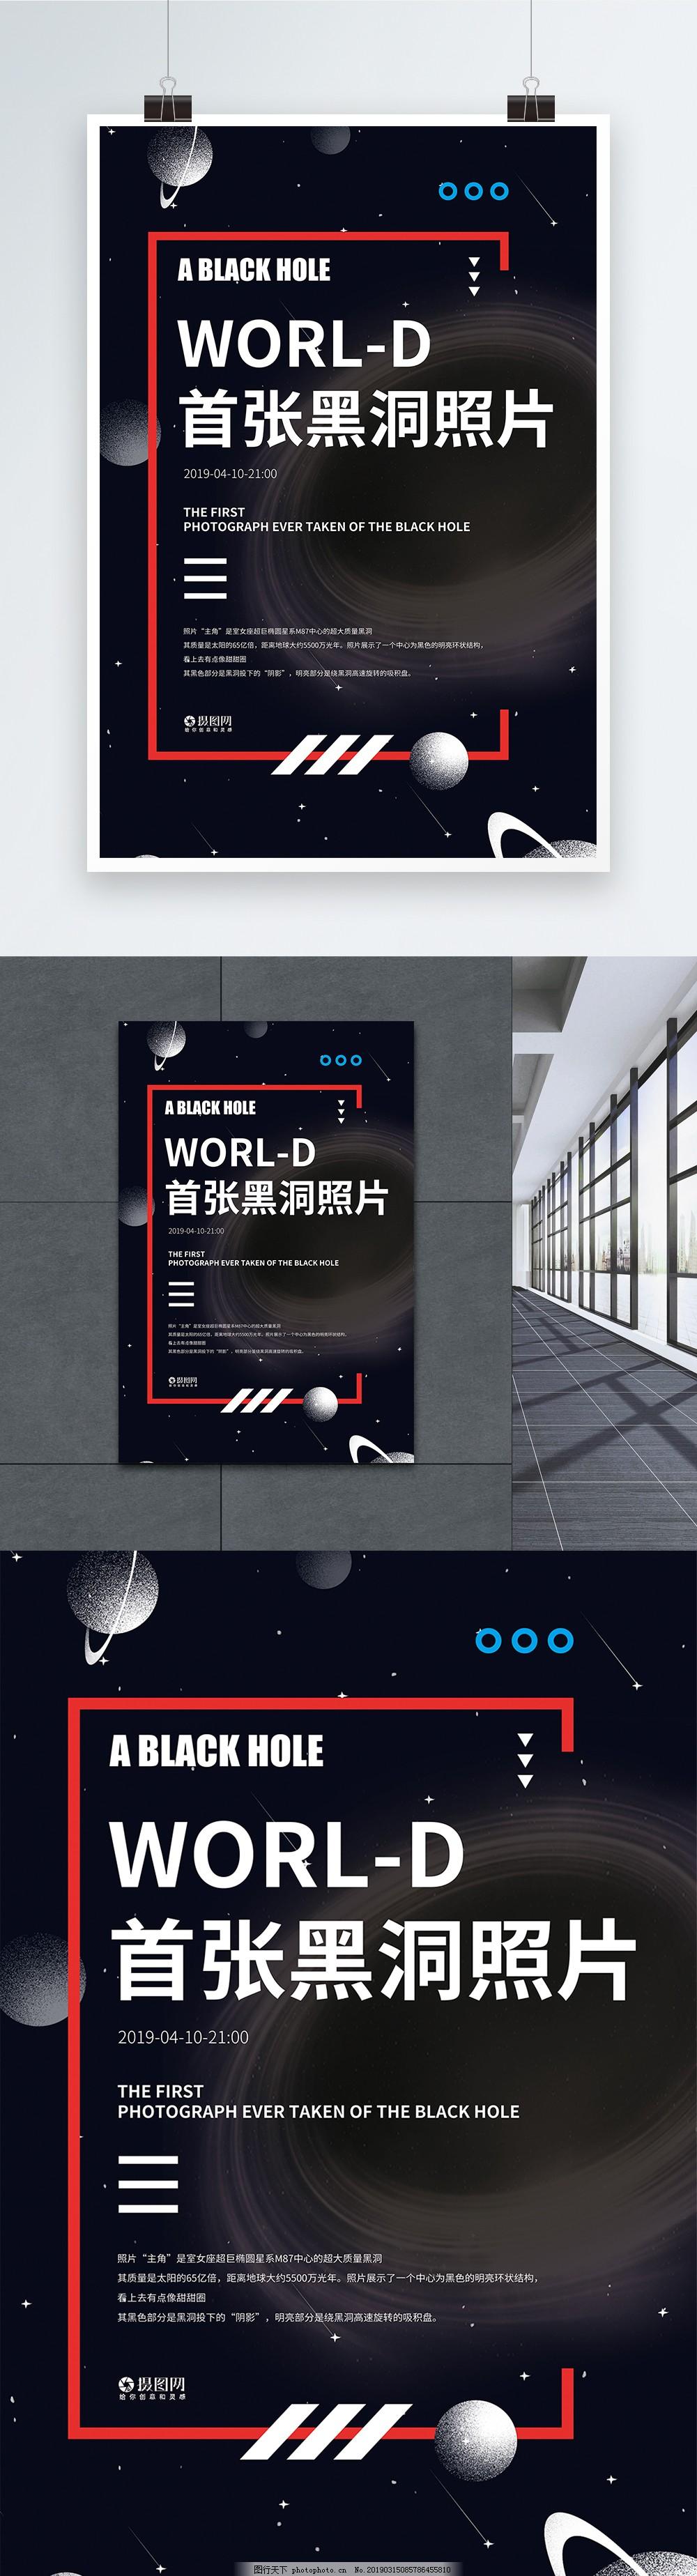 世界首张黑洞照片宣传海报,科技,世界首张照片,宇宙,星空,探索宇宙,探索黑洞